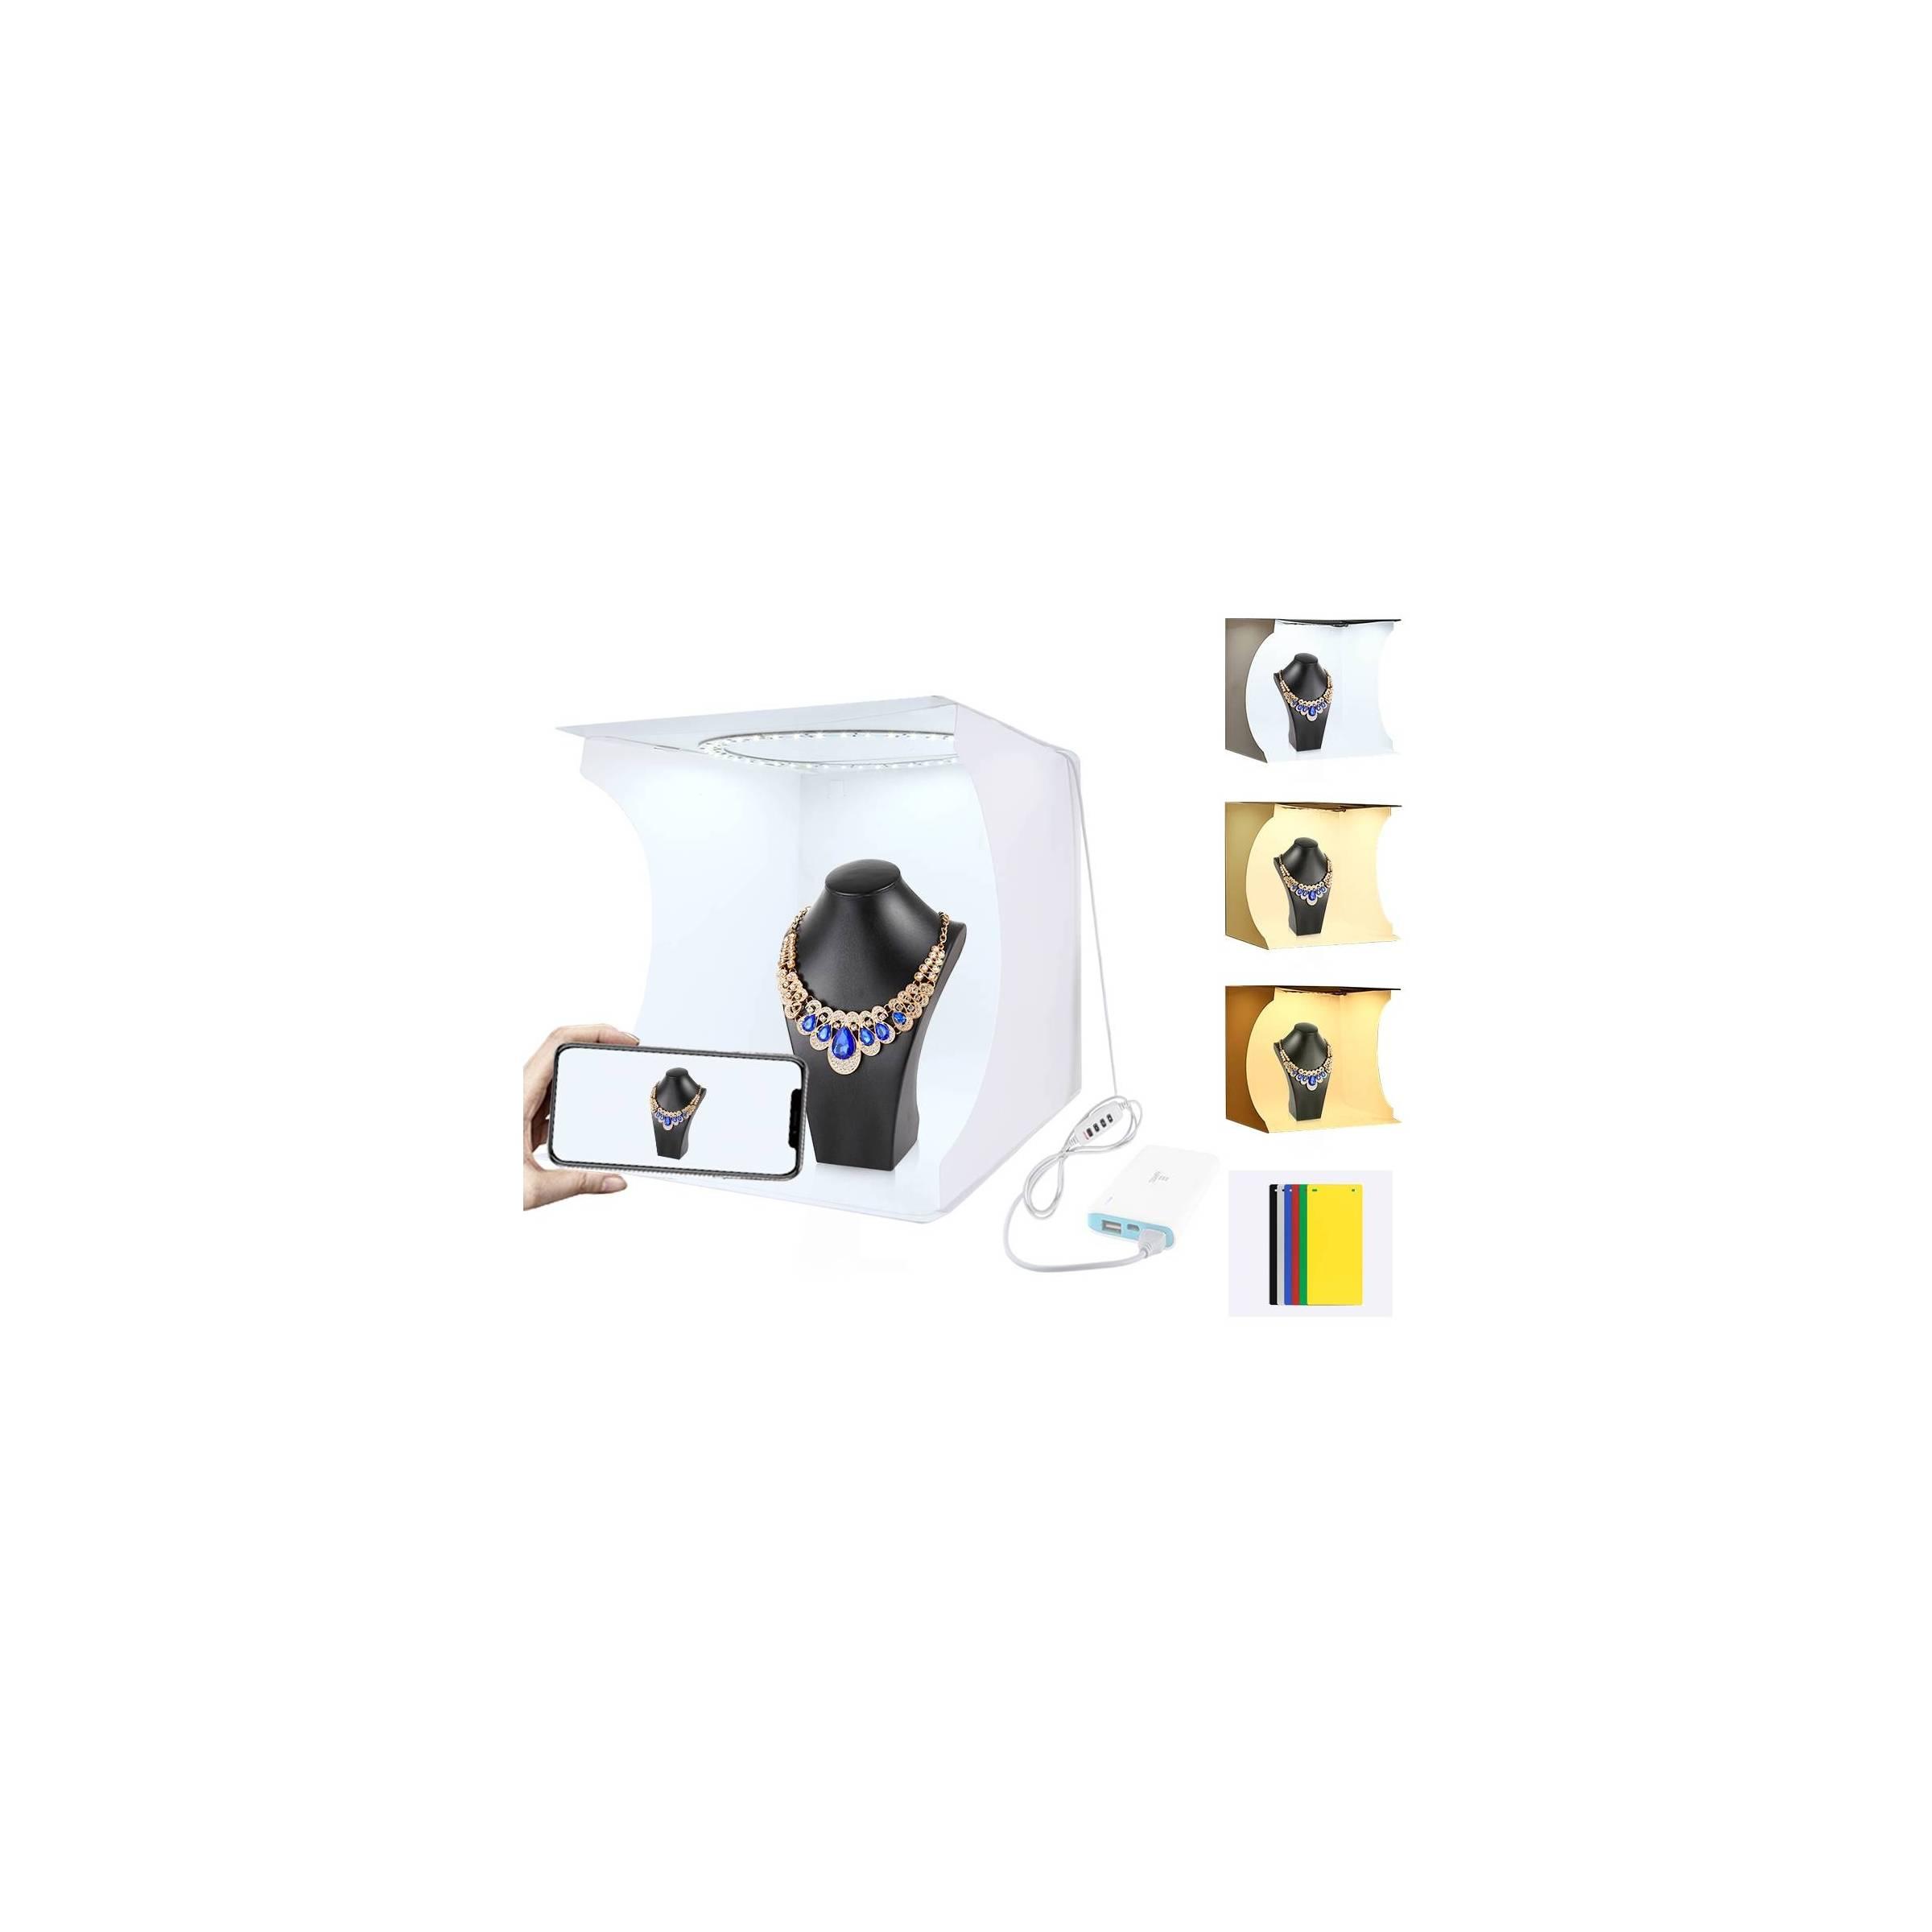 puluz Puluz foto boks med led ring og flere bagsider 30cm^3 fra mackabler.dk